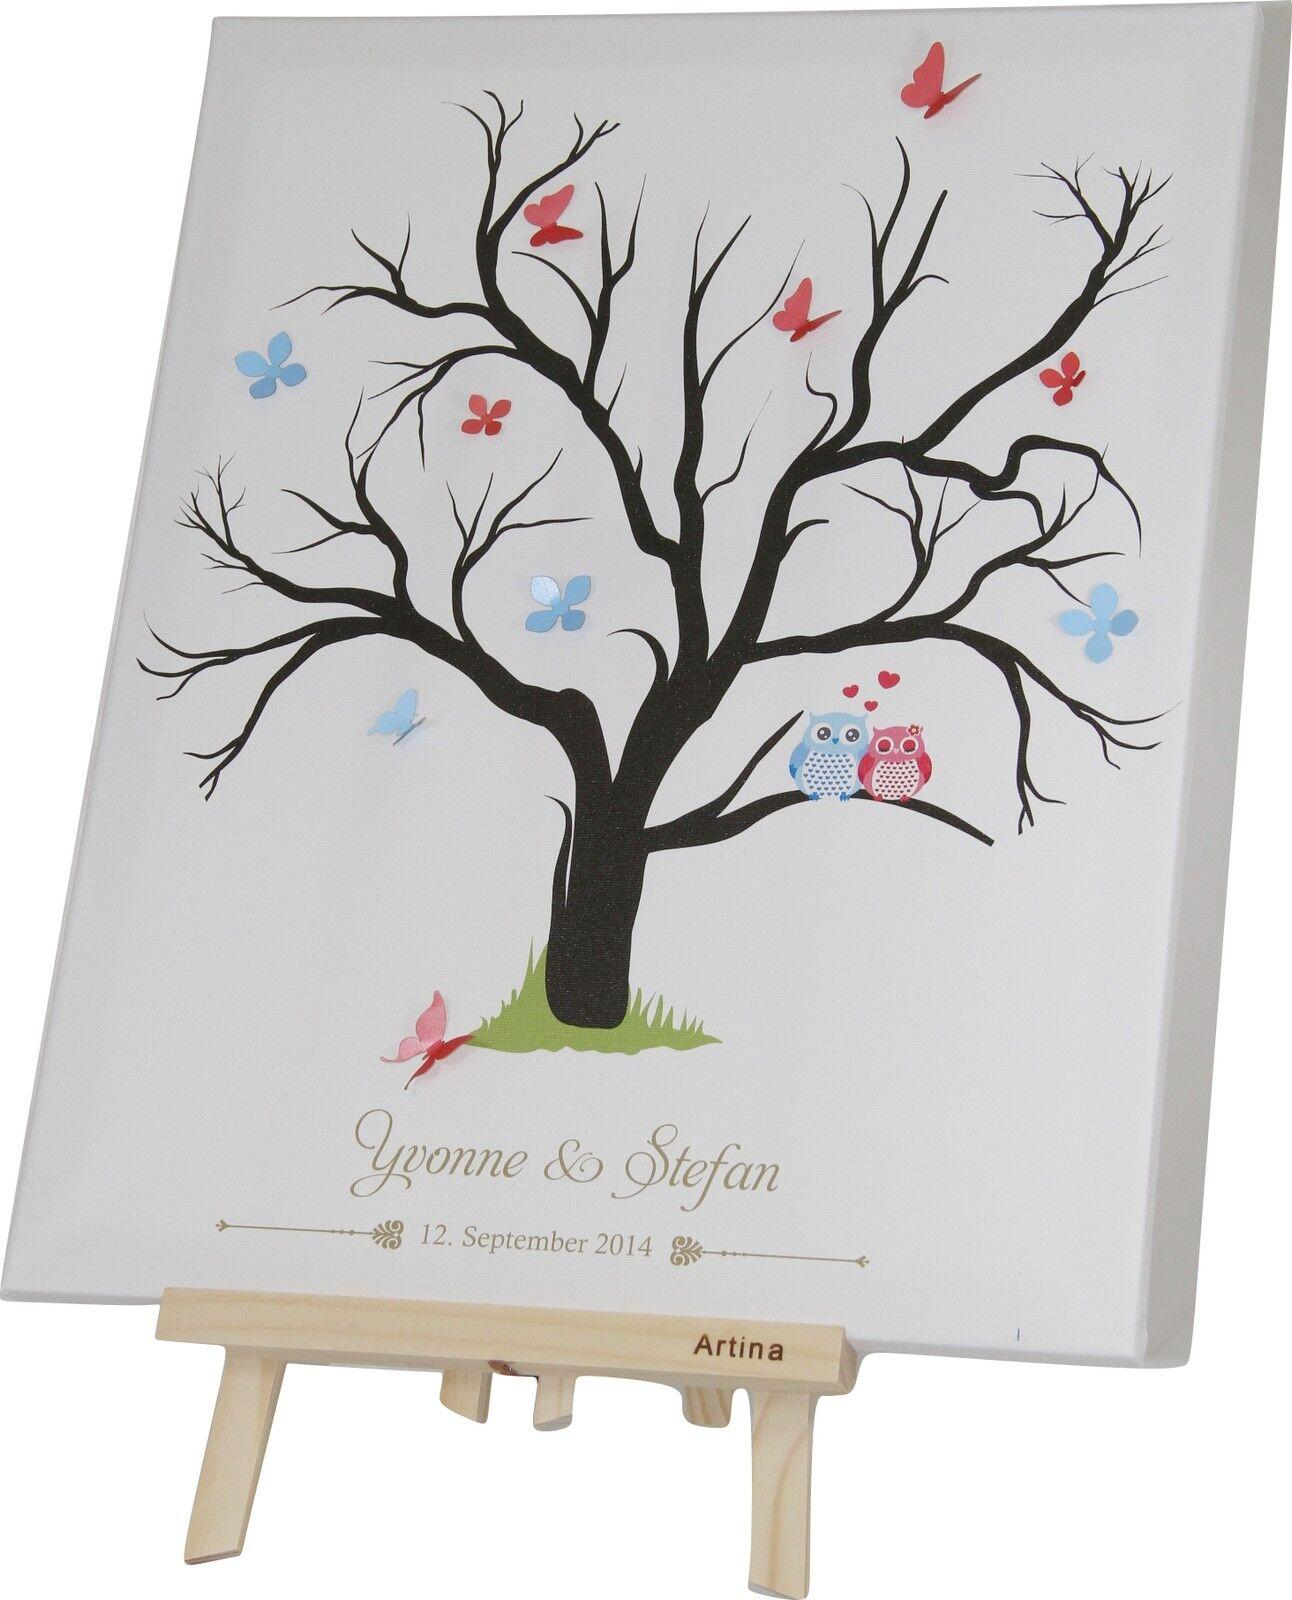 fingerabdruck leinwand hochzeit taufe weddingtree mit namen mit stempelkissen eur 49 90. Black Bedroom Furniture Sets. Home Design Ideas